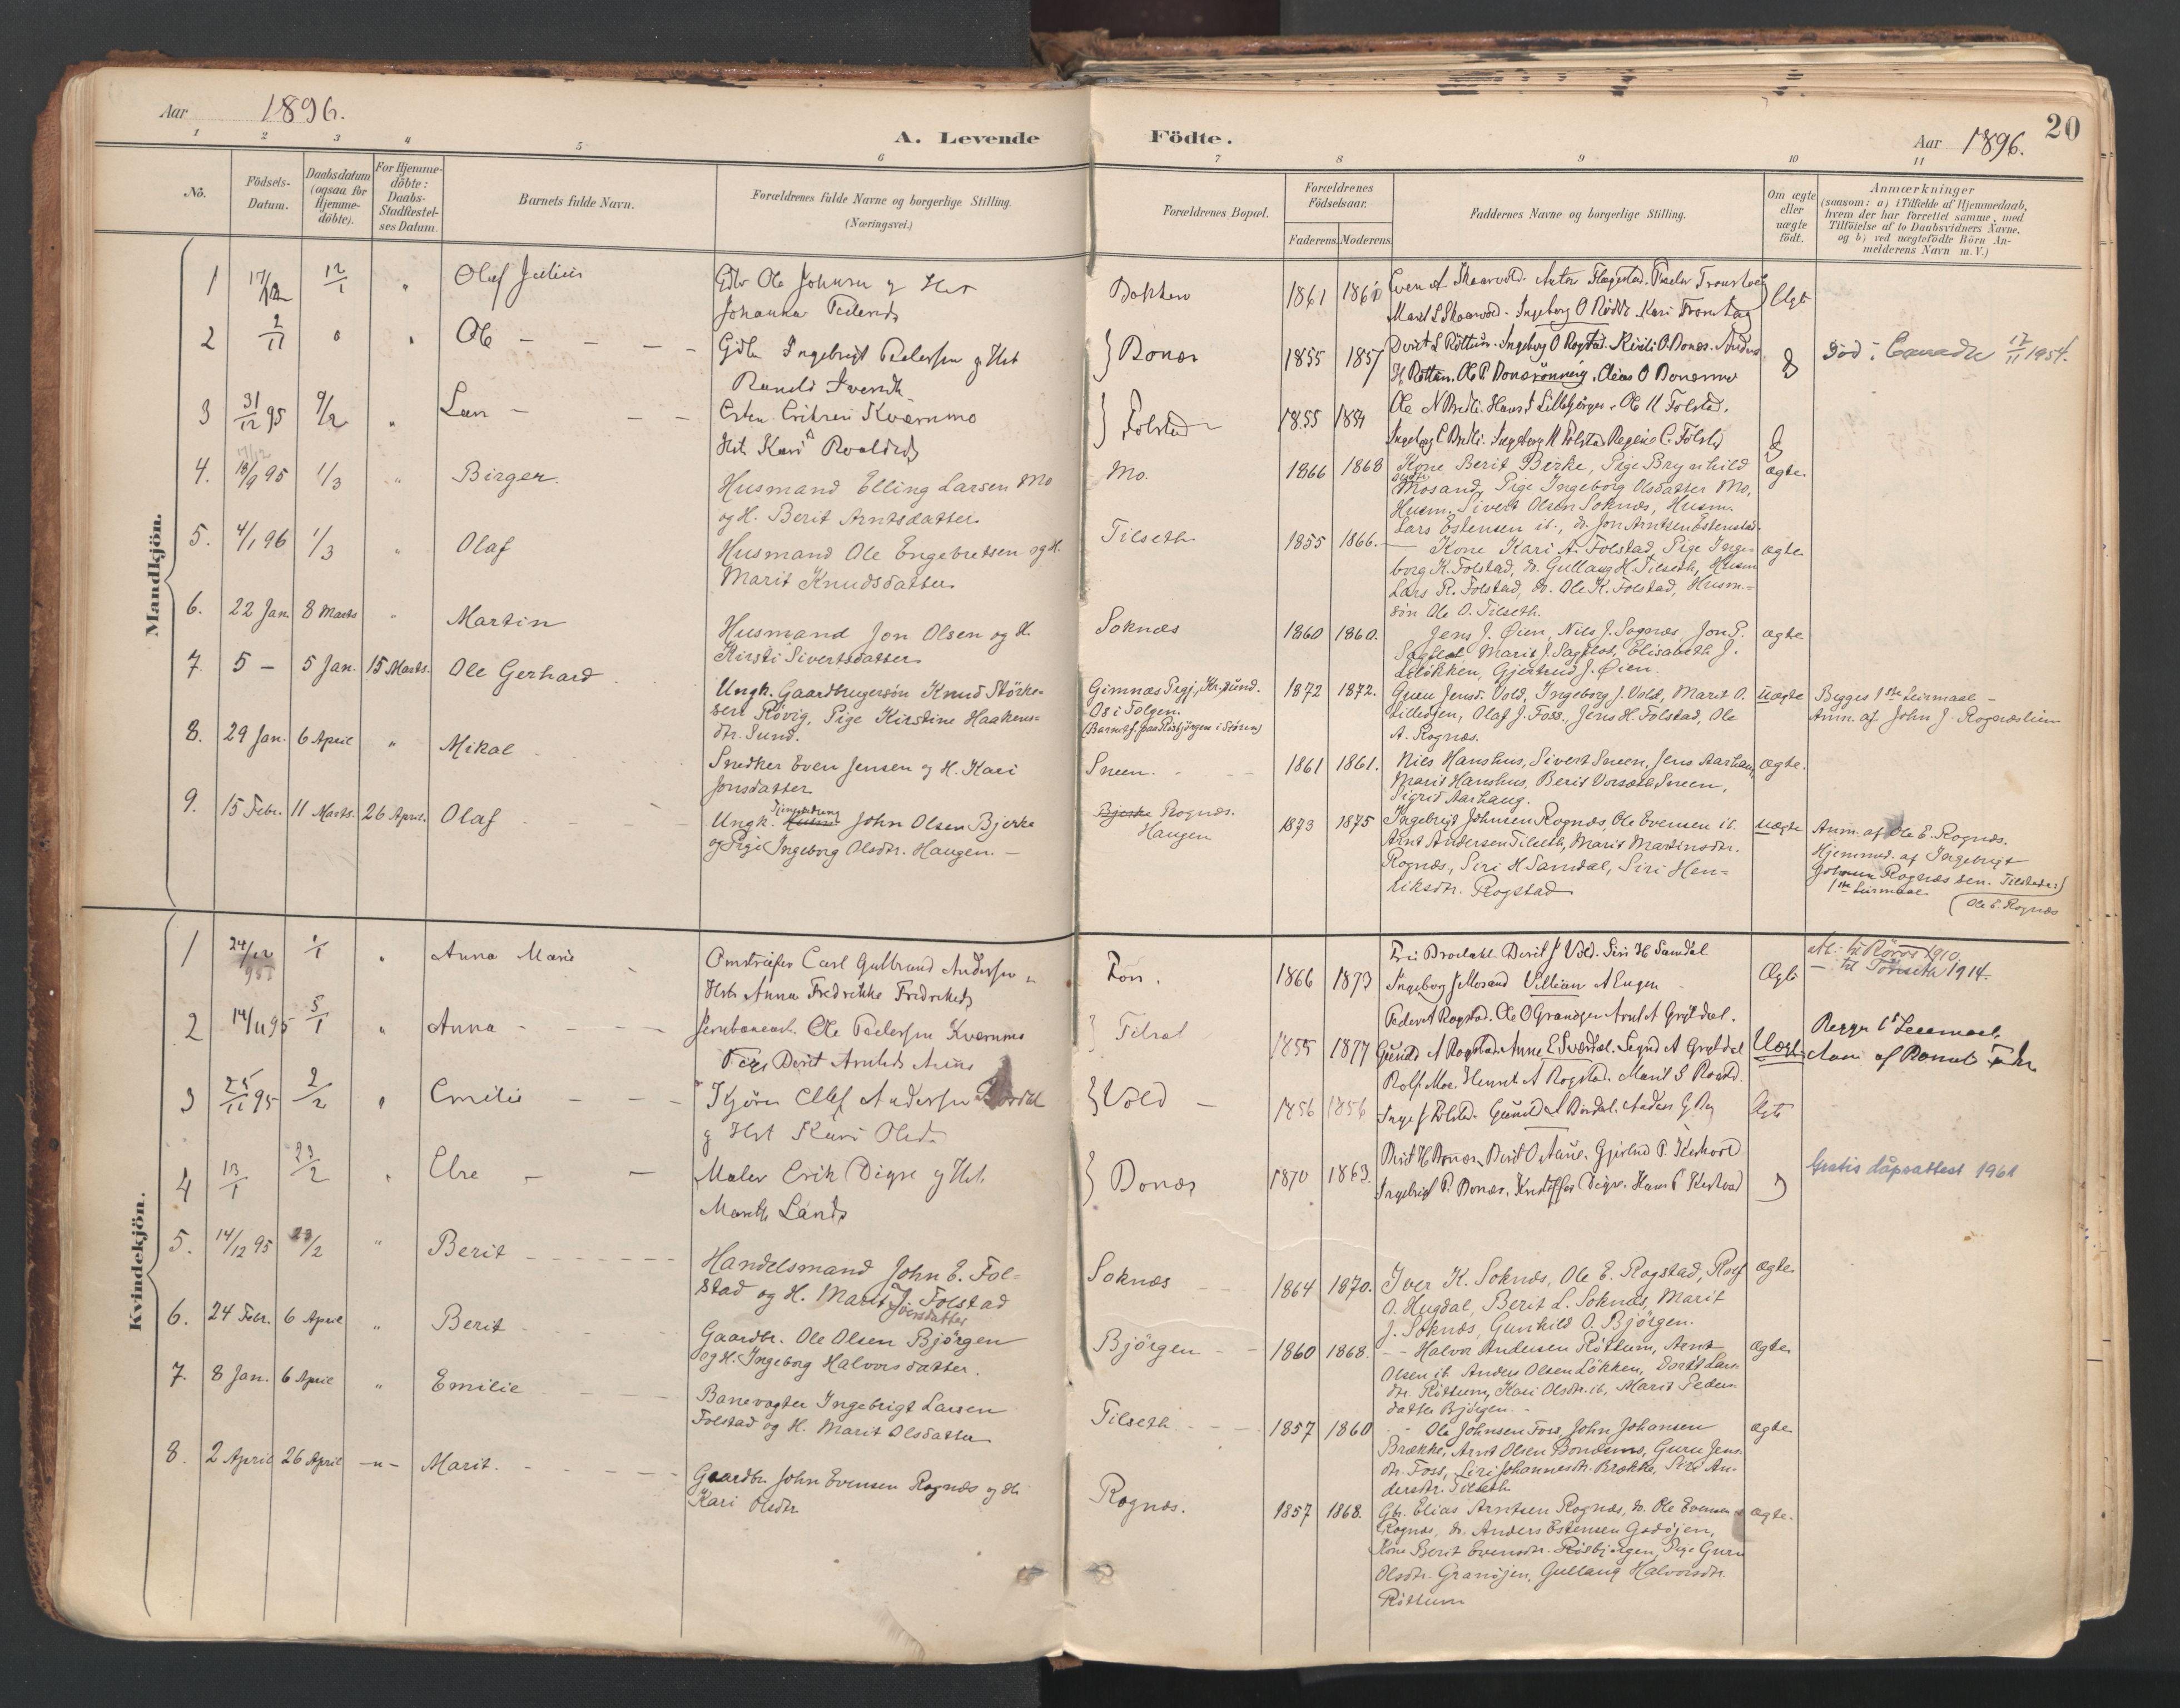 SAT, Ministerialprotokoller, klokkerbøker og fødselsregistre - Sør-Trøndelag, 687/L1004: Ministerialbok nr. 687A10, 1891-1923, s. 20